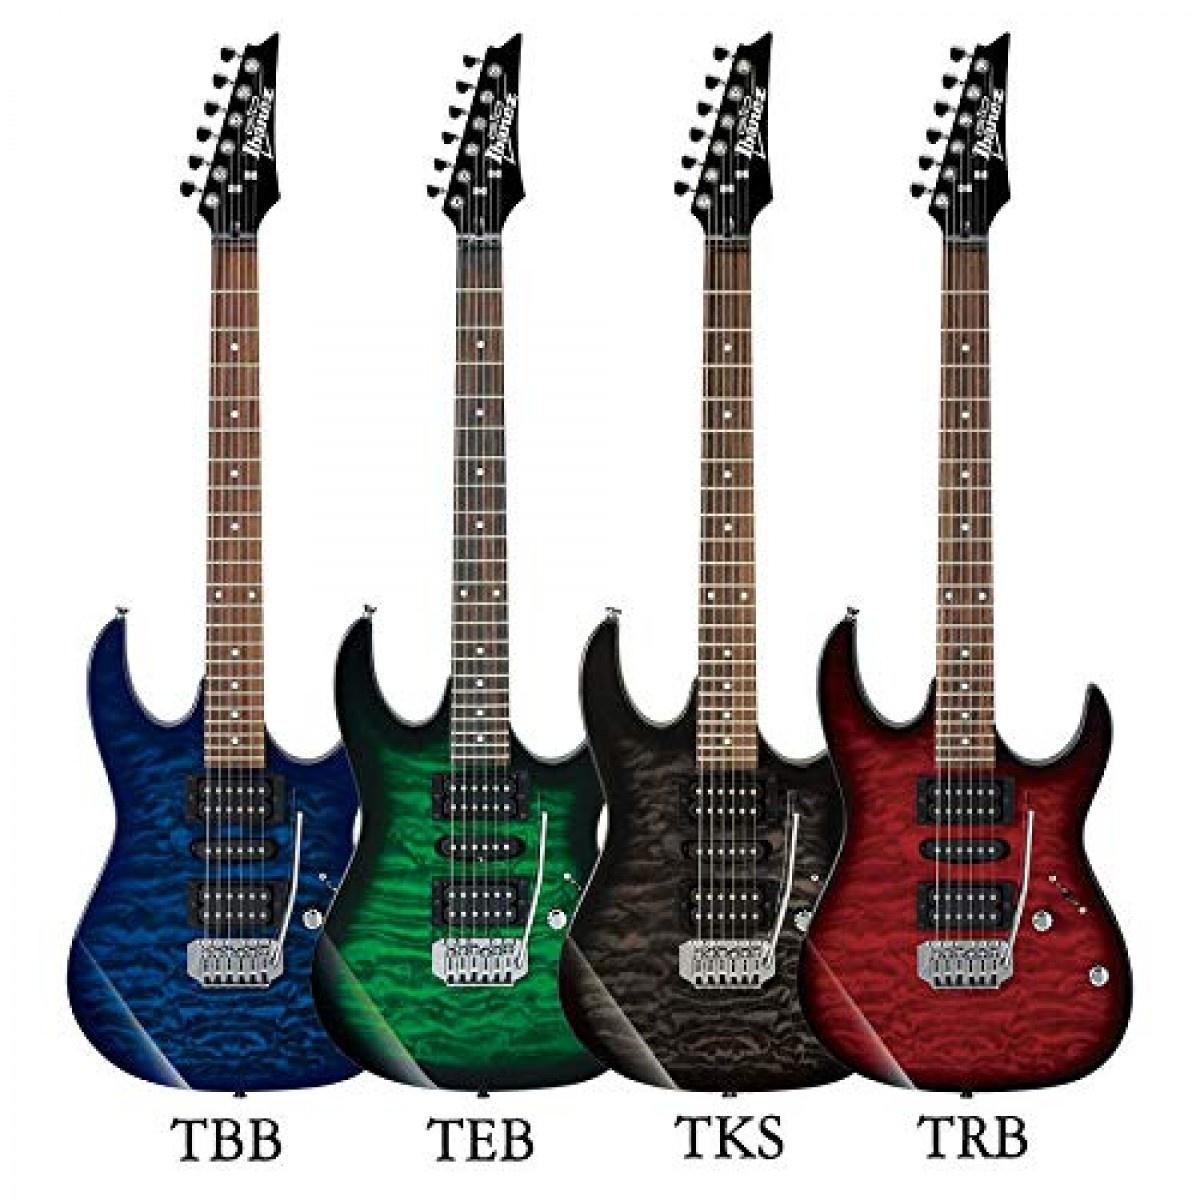 Ibanez GRX70QA gitaren in verschillende kleuren